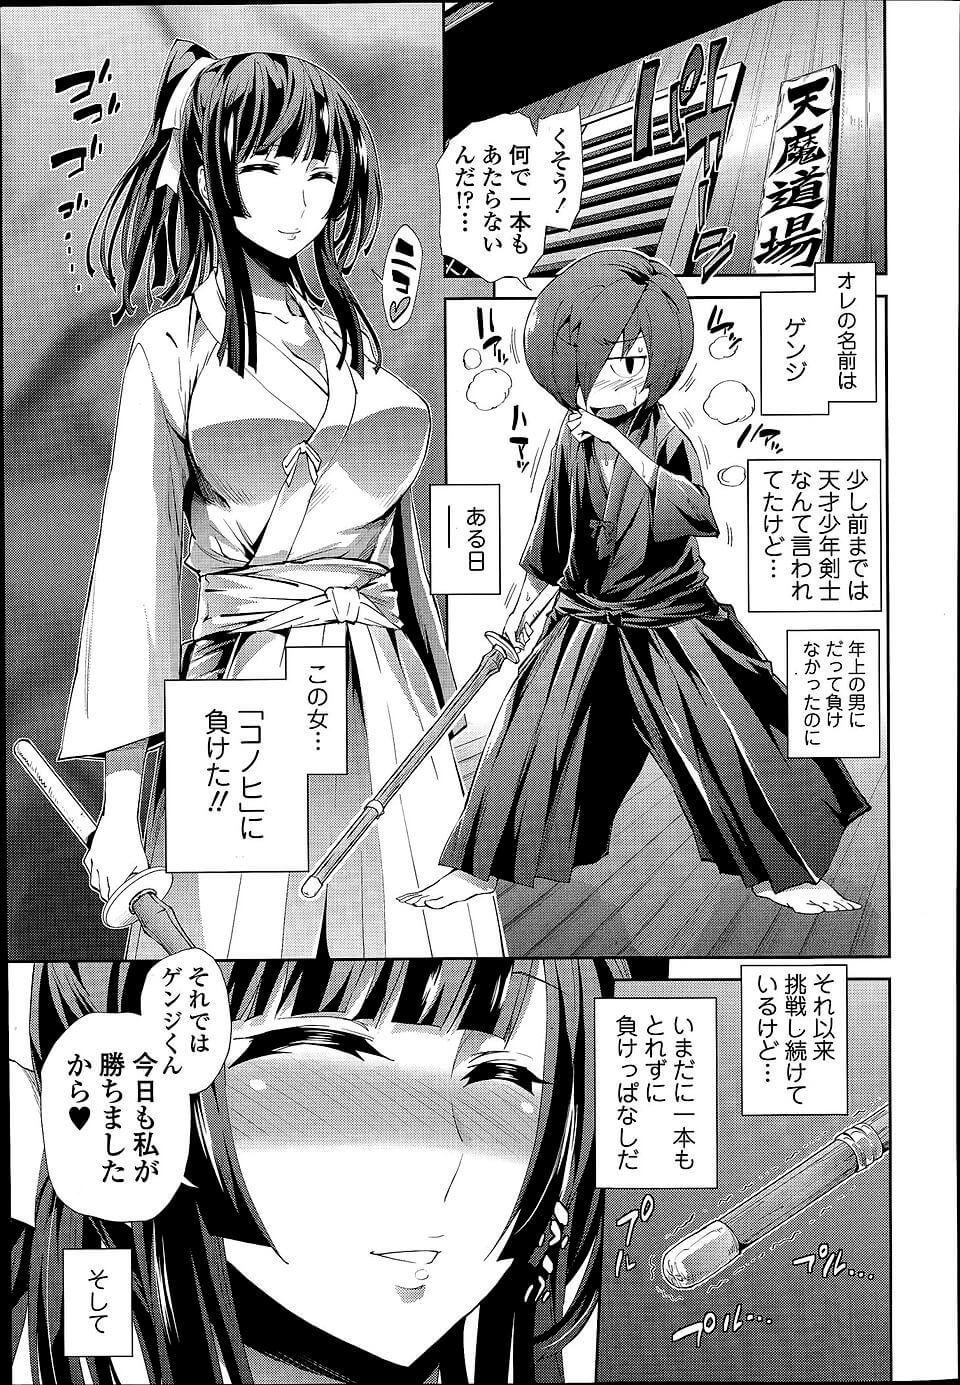 【エロ漫画】学校の教室で着替えてた貧乳女子校生が同じクラスの男の子に背中舐められて感じちゃって…【MARUTA エロ同人】